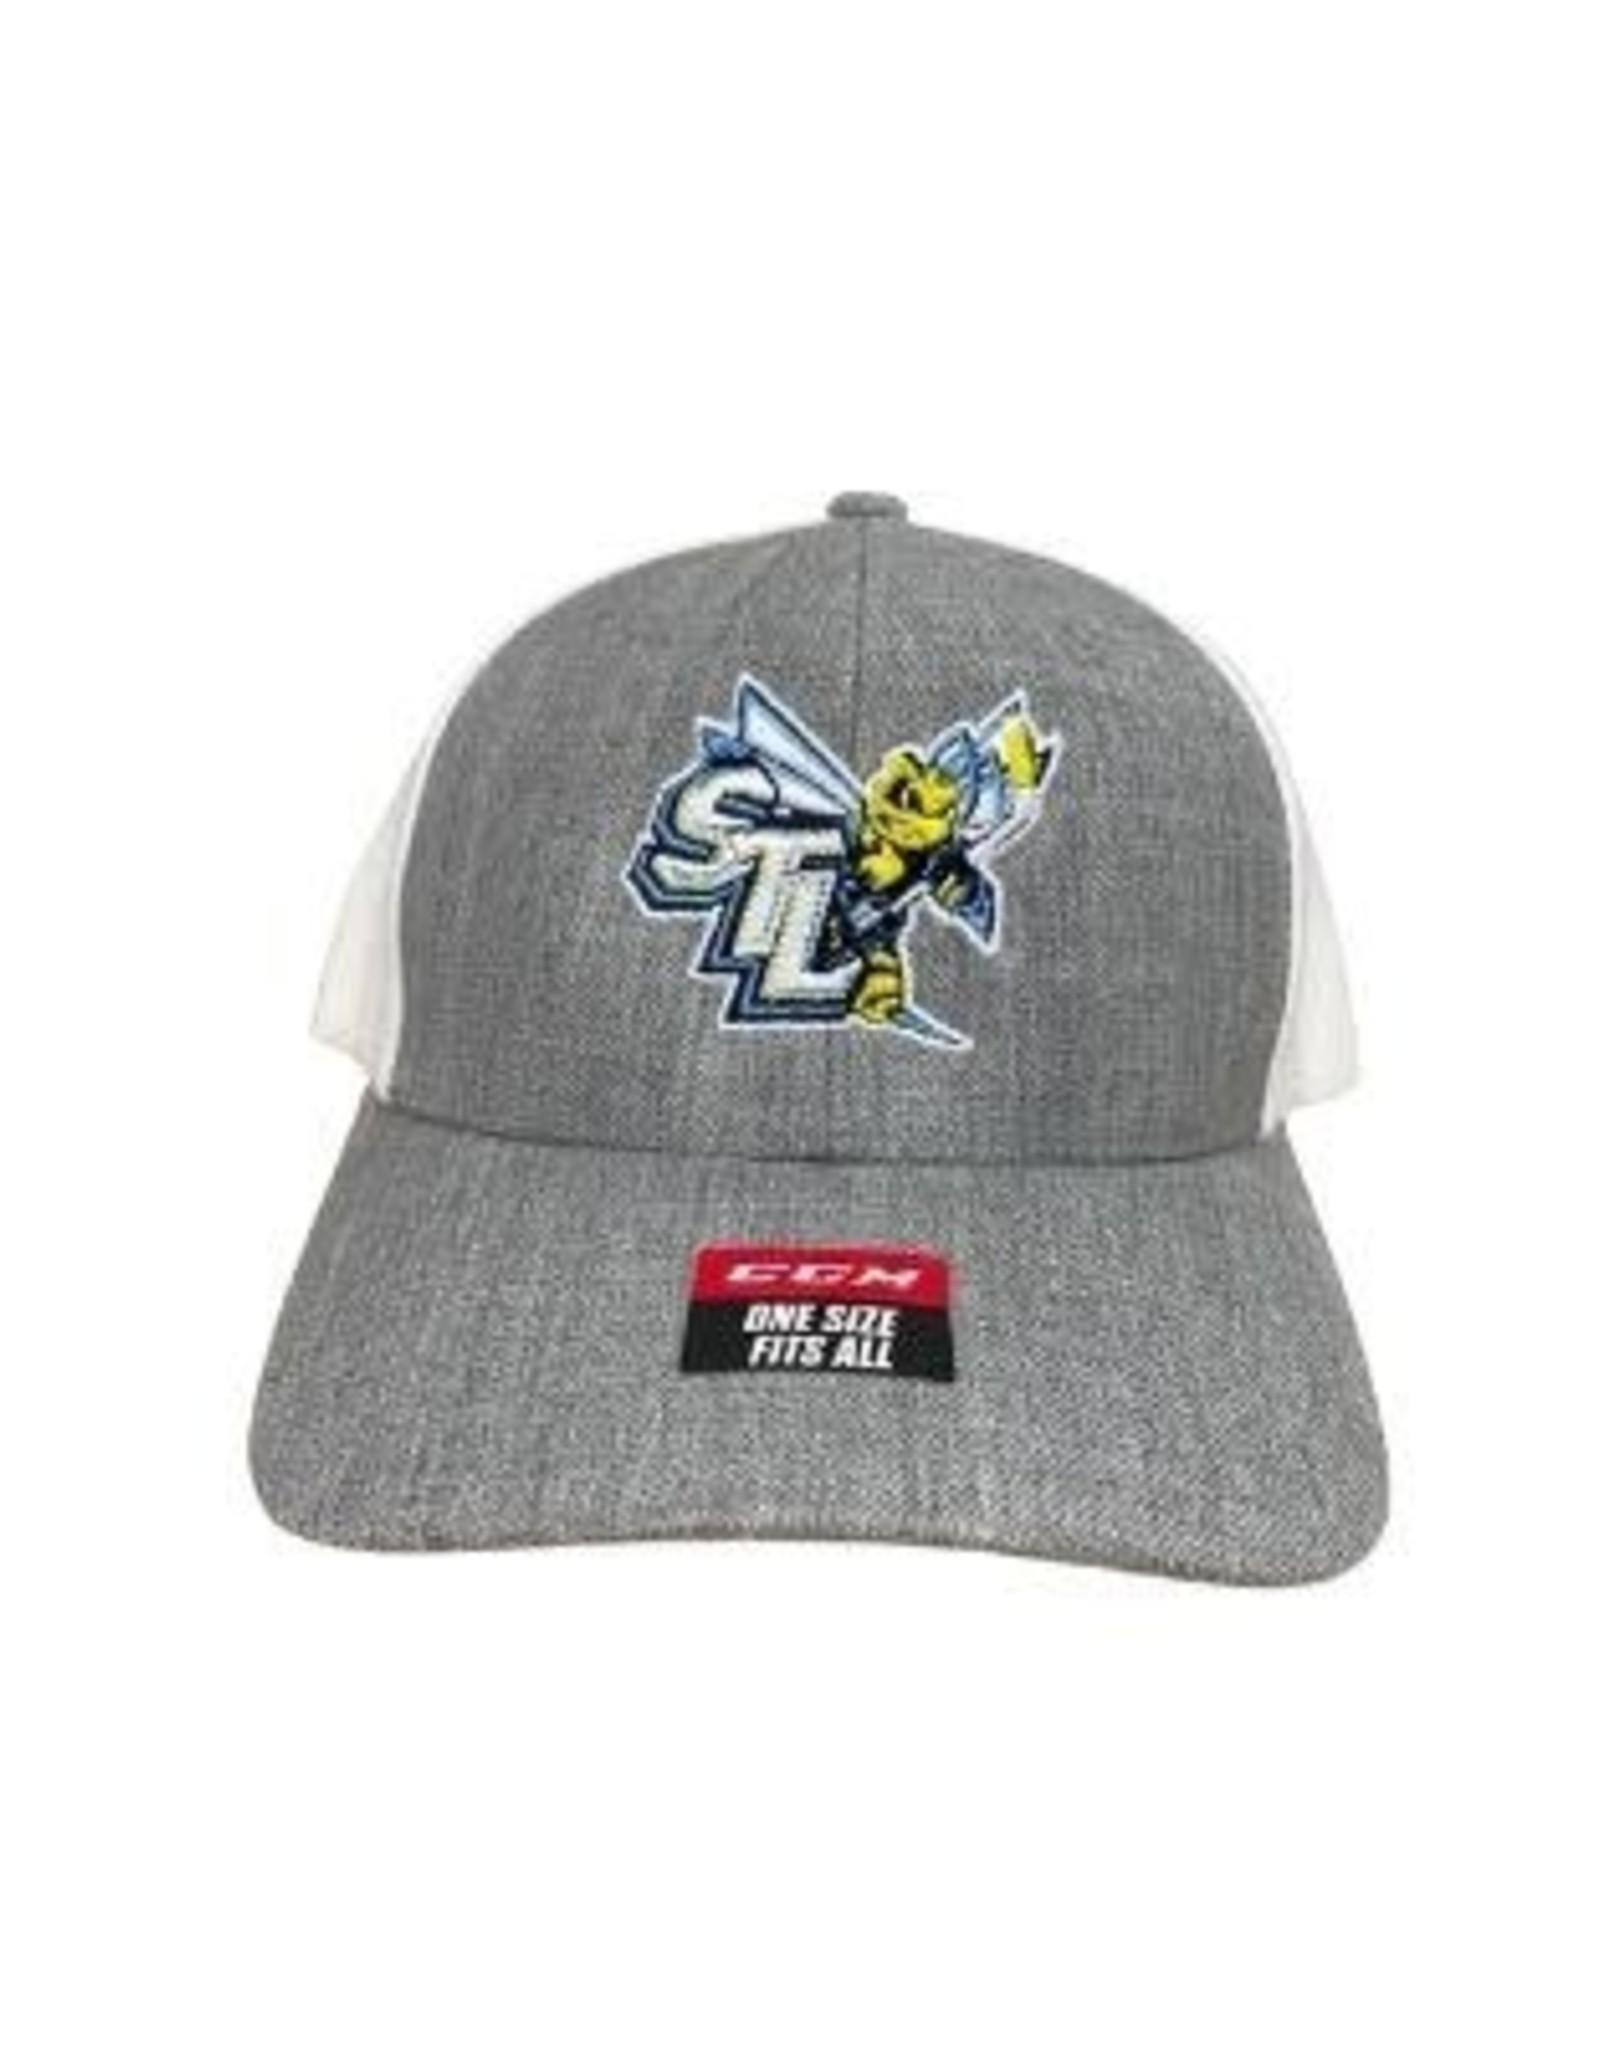 CCM STING CCM Grey/White Snapback Hat